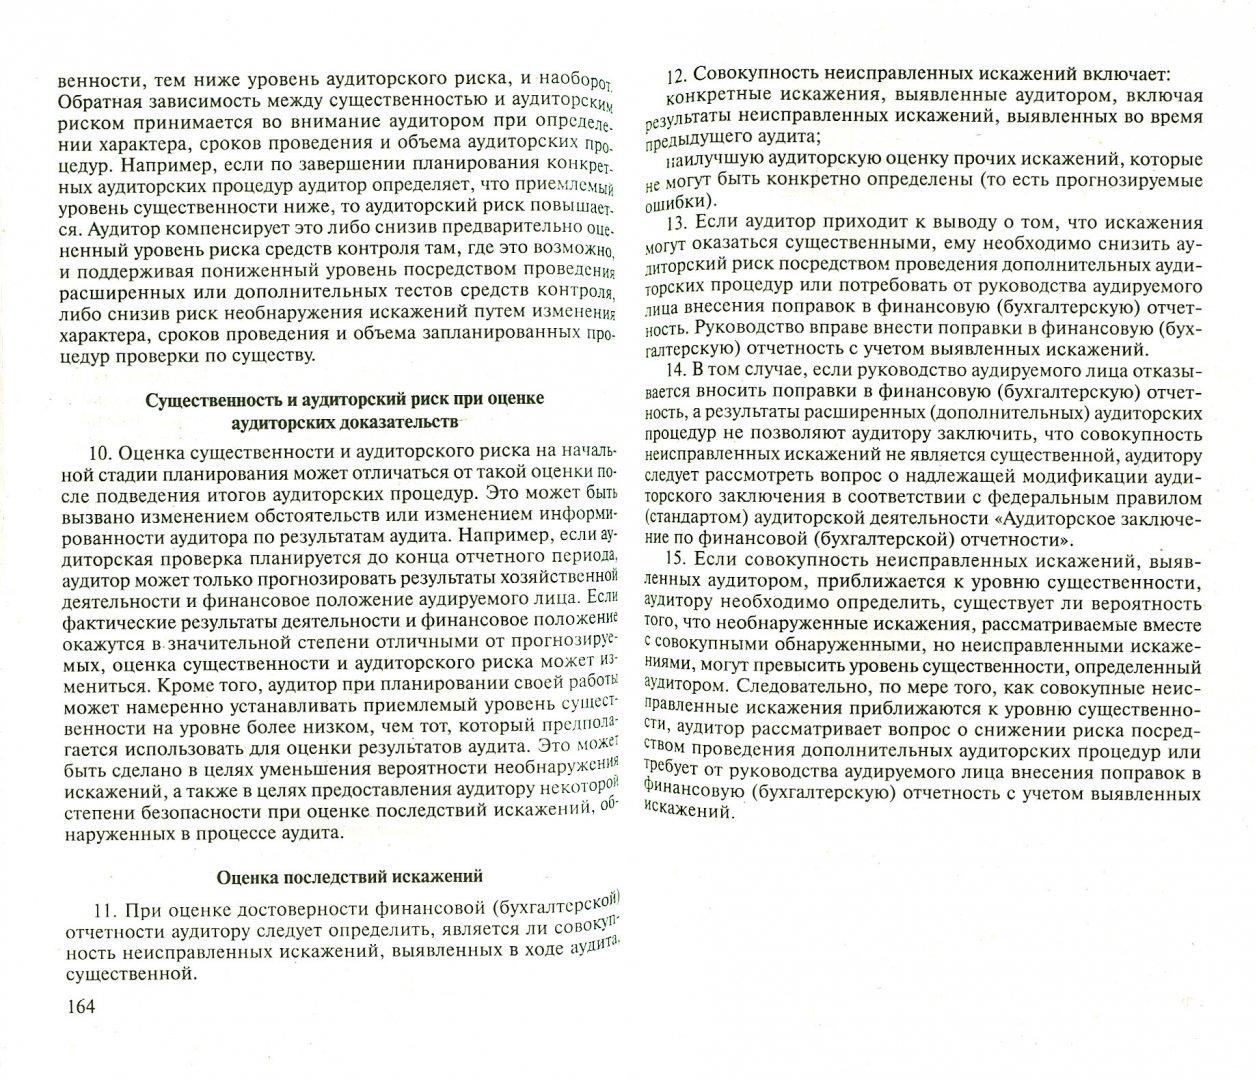 Иллюстрация 1 из 10 для Стандарты по аудиторской деятельности. Сборник нормативных актов | Лабиринт - книги. Источник: Лабиринт